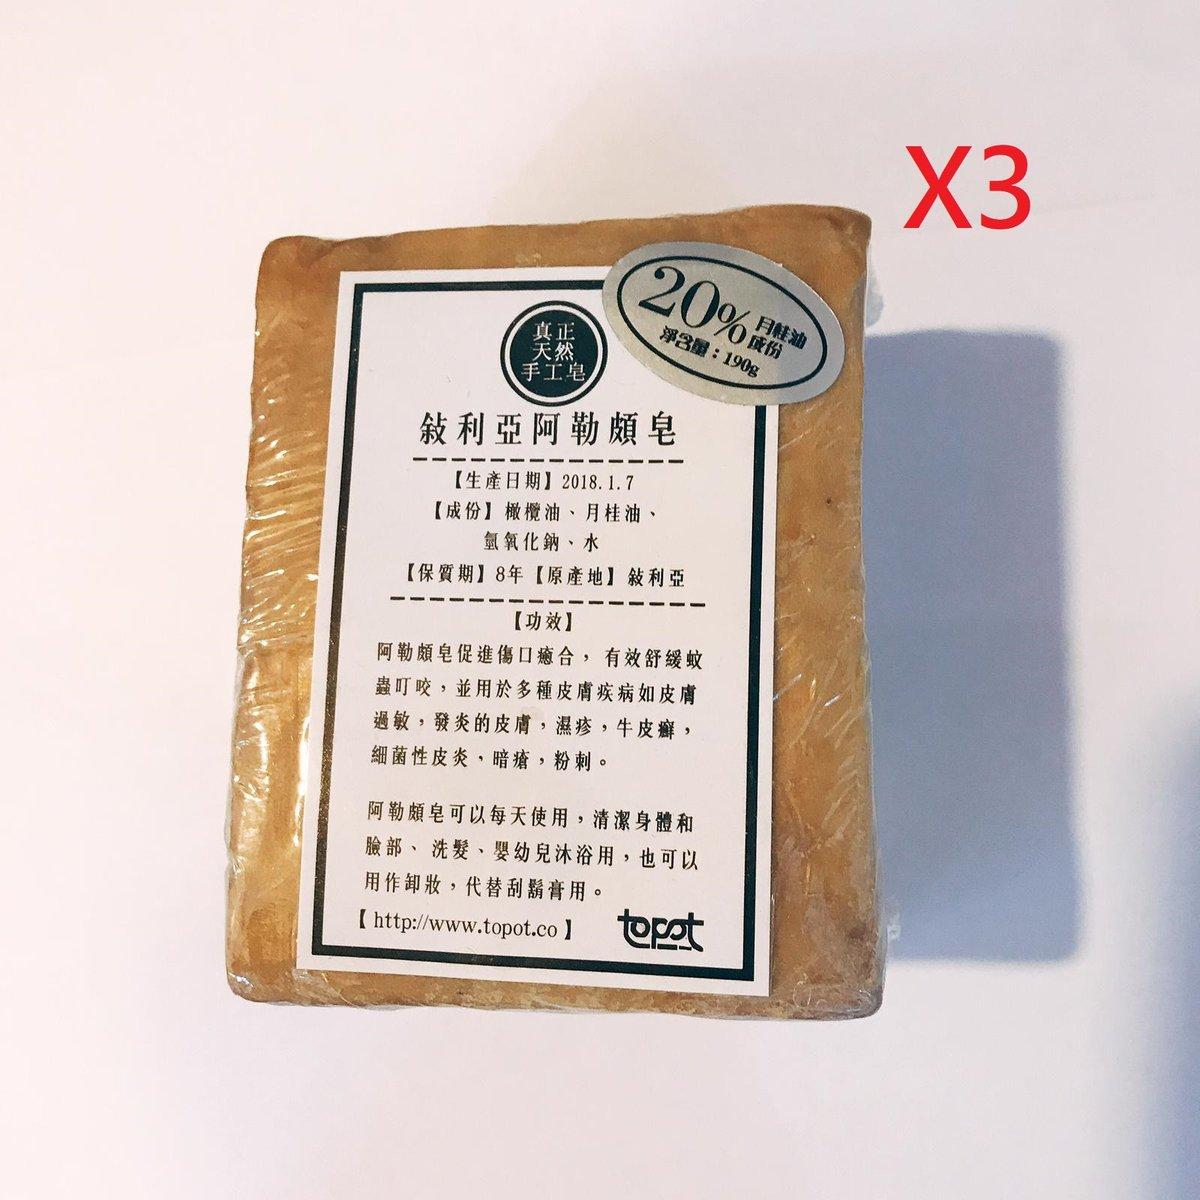 soap of aleppo 20% laurel oil x3pcs